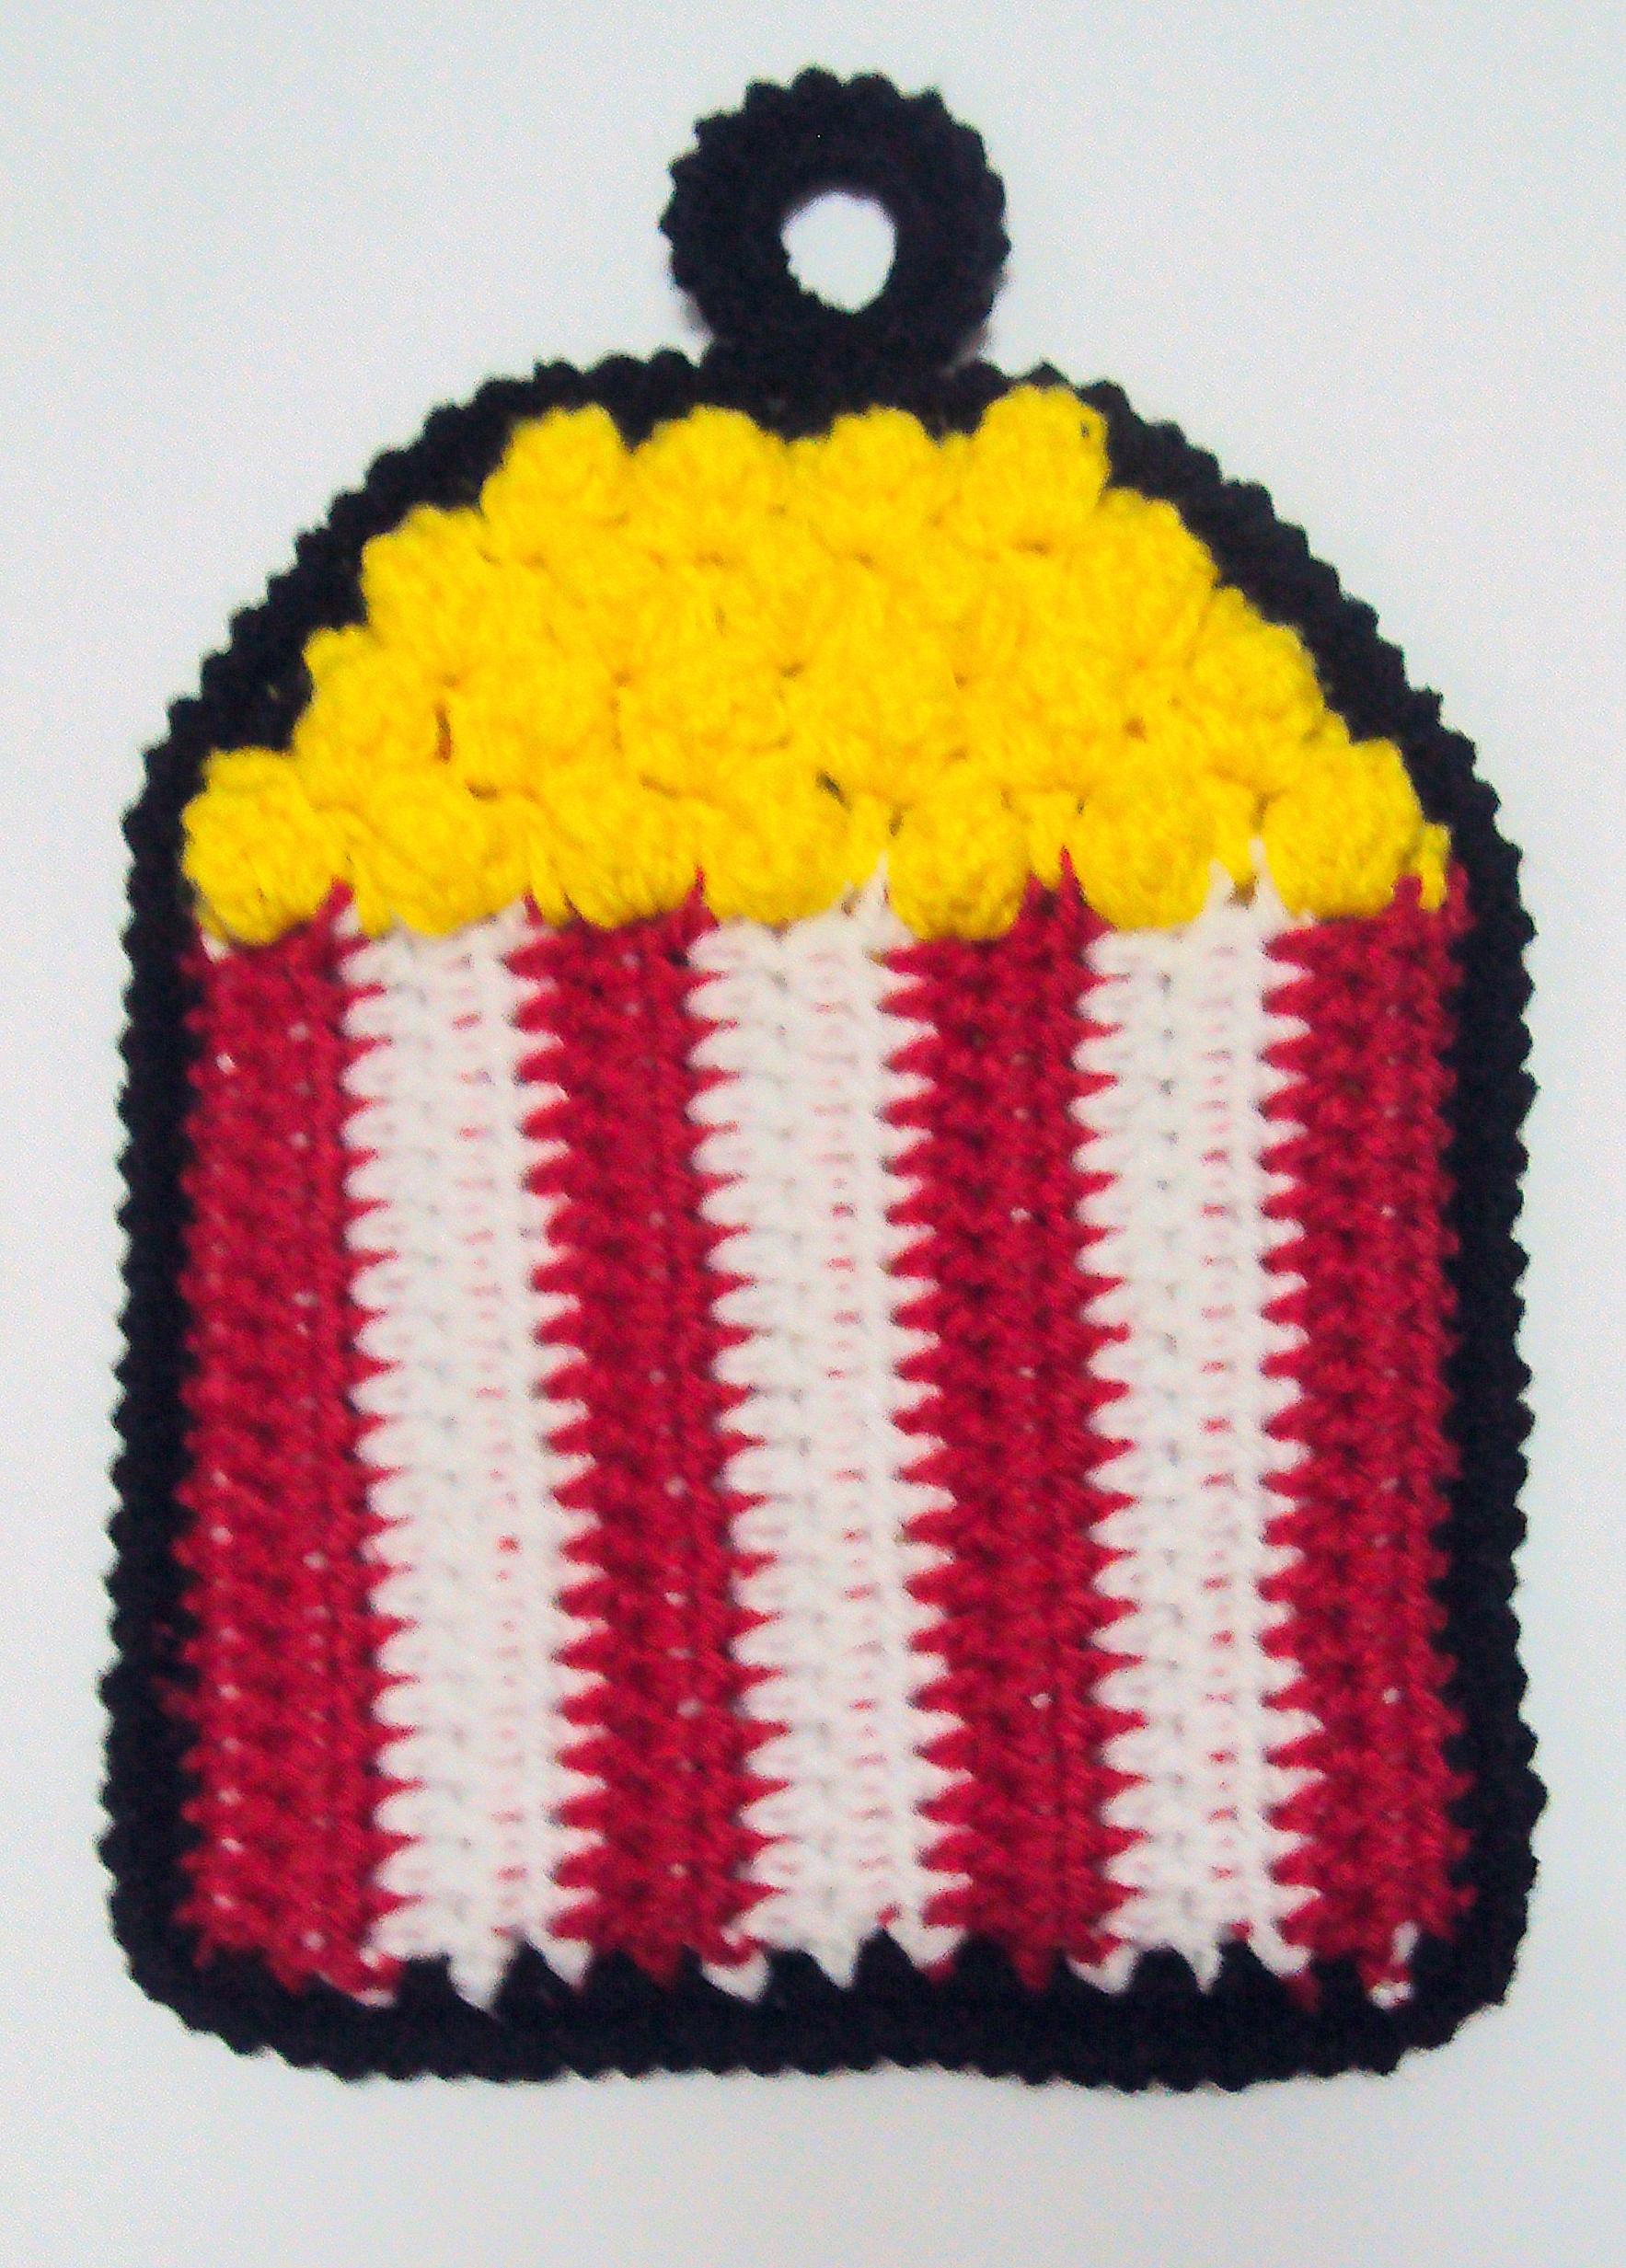 Crochet Spot » Blog Archive » Crochet Pattern: Popcorn Potholder ...